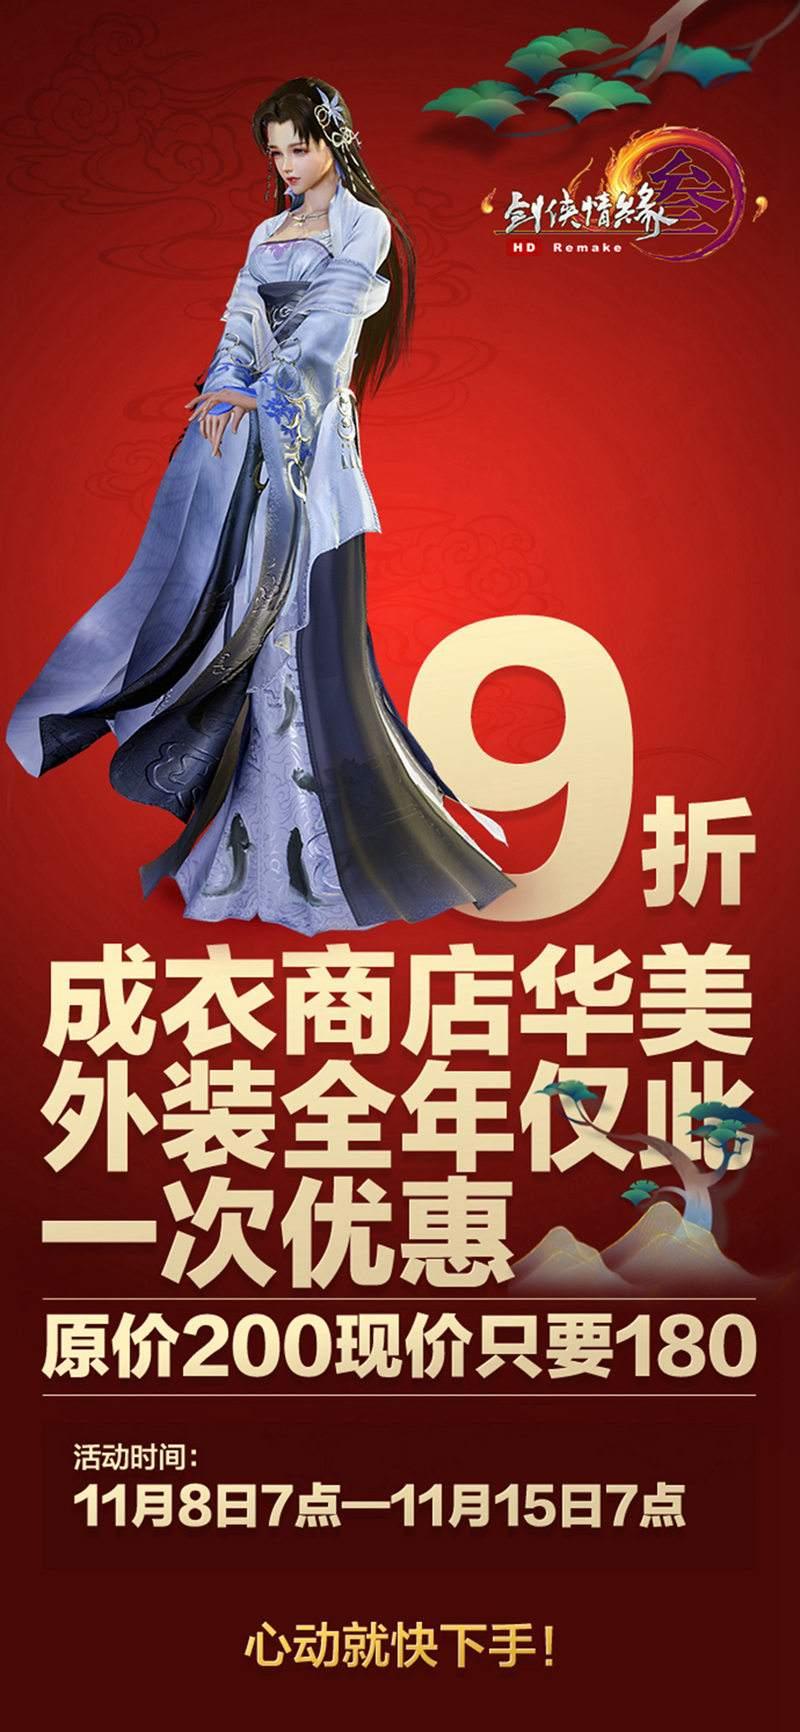 《剑网3》双十一特卖今日开启 海量折扣福利多多